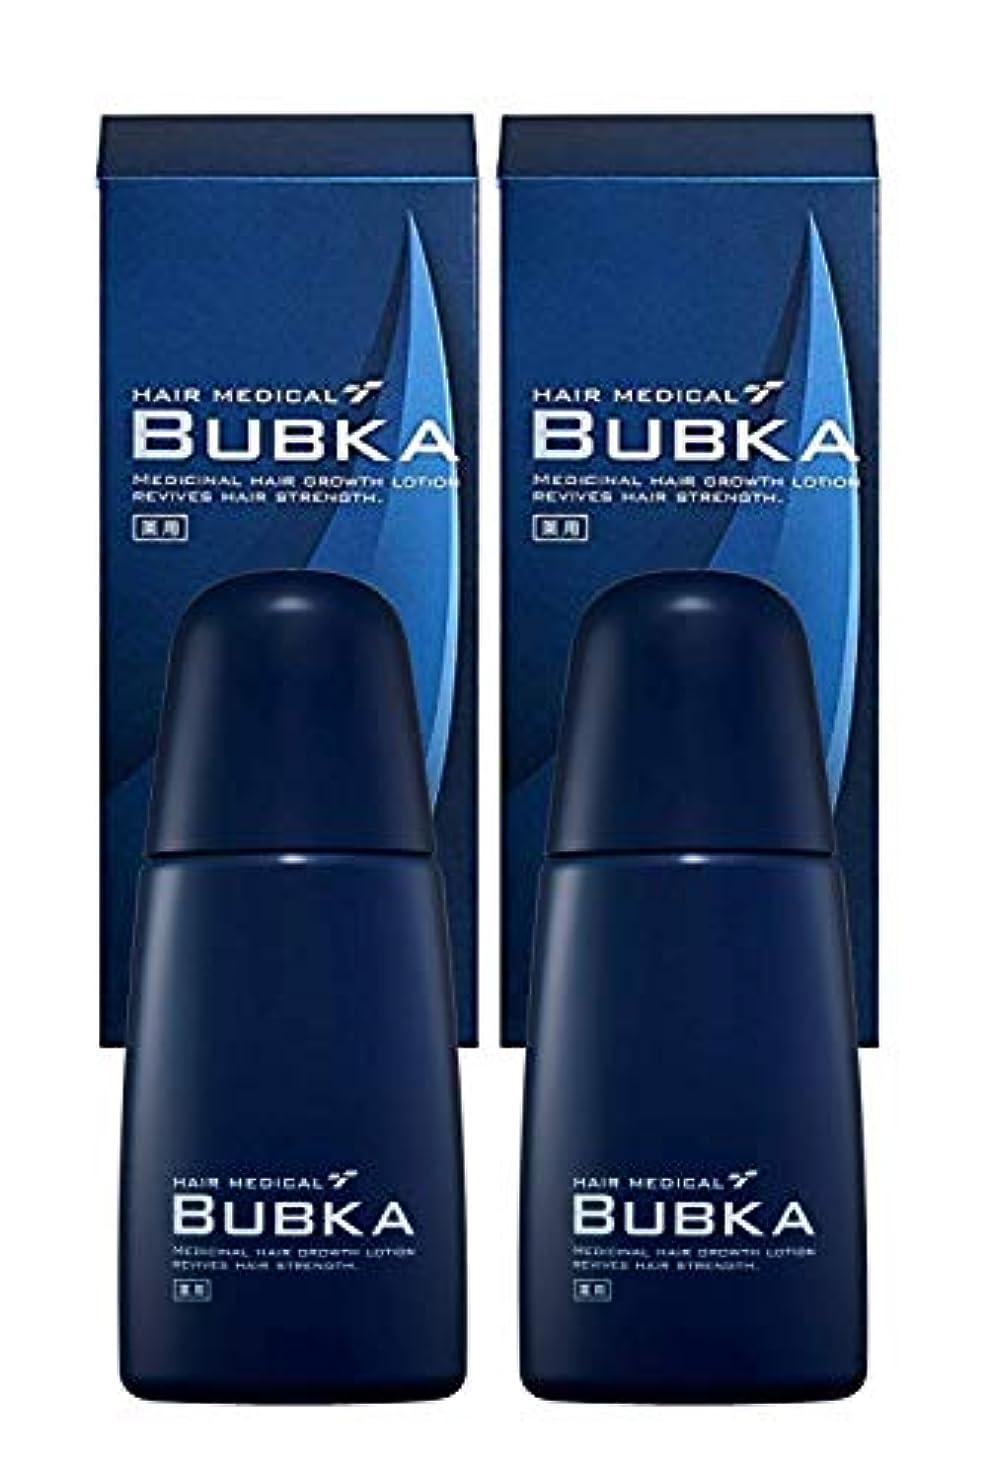 現象尾ドメイン【医薬部外品】BUBKA(ブブカ) 濃密育毛剤 BUBKA 003M 外販用青ボトル (2本組セット)